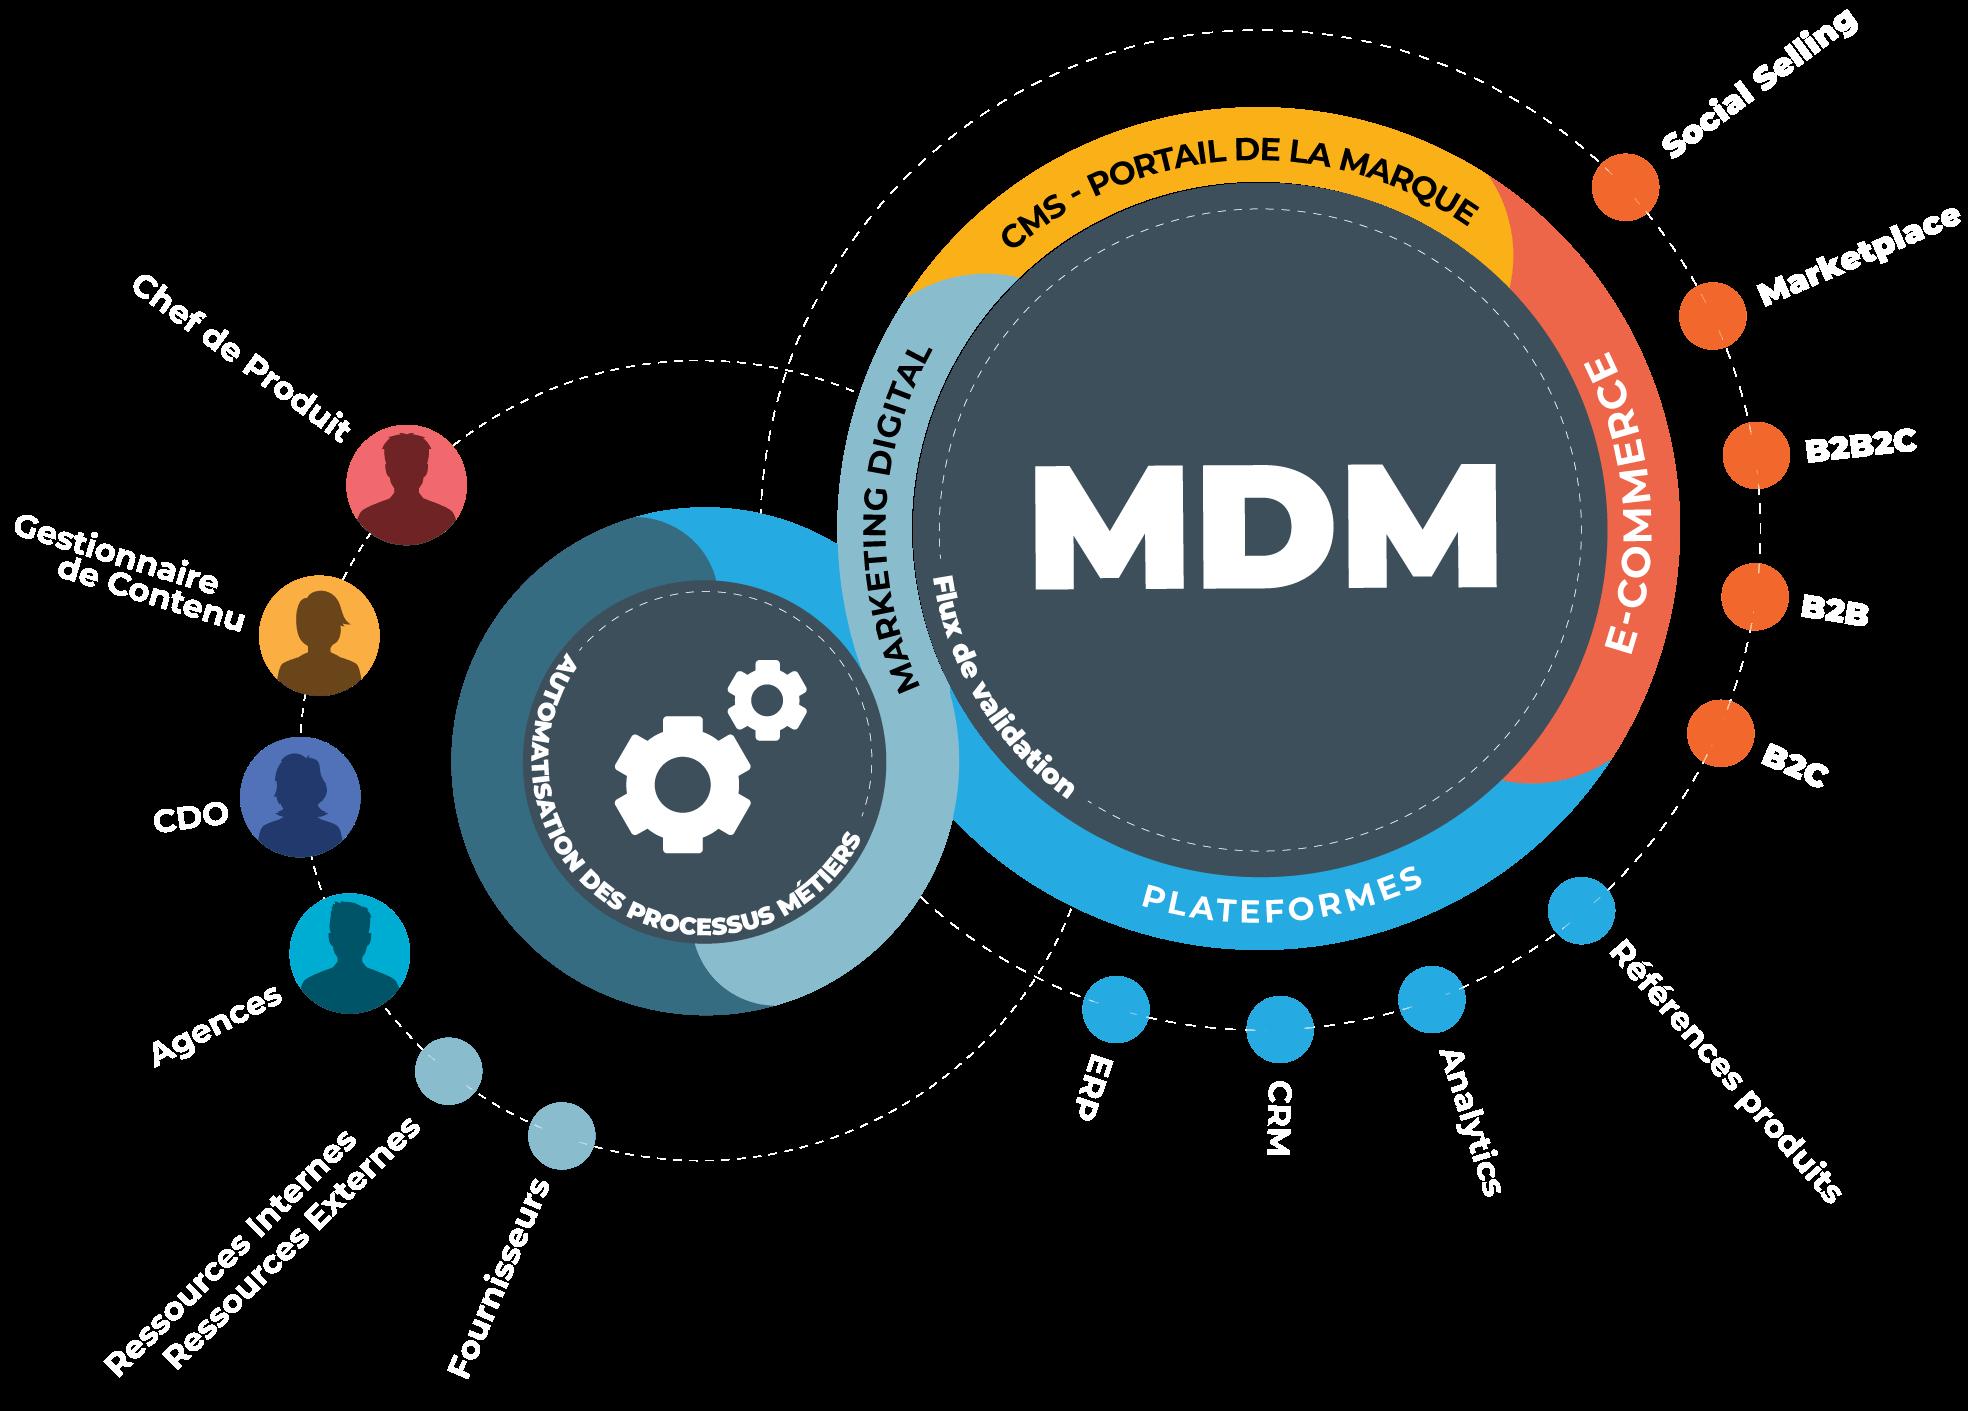 Le MDM englobe les concepts de PIM, DAM et CMS